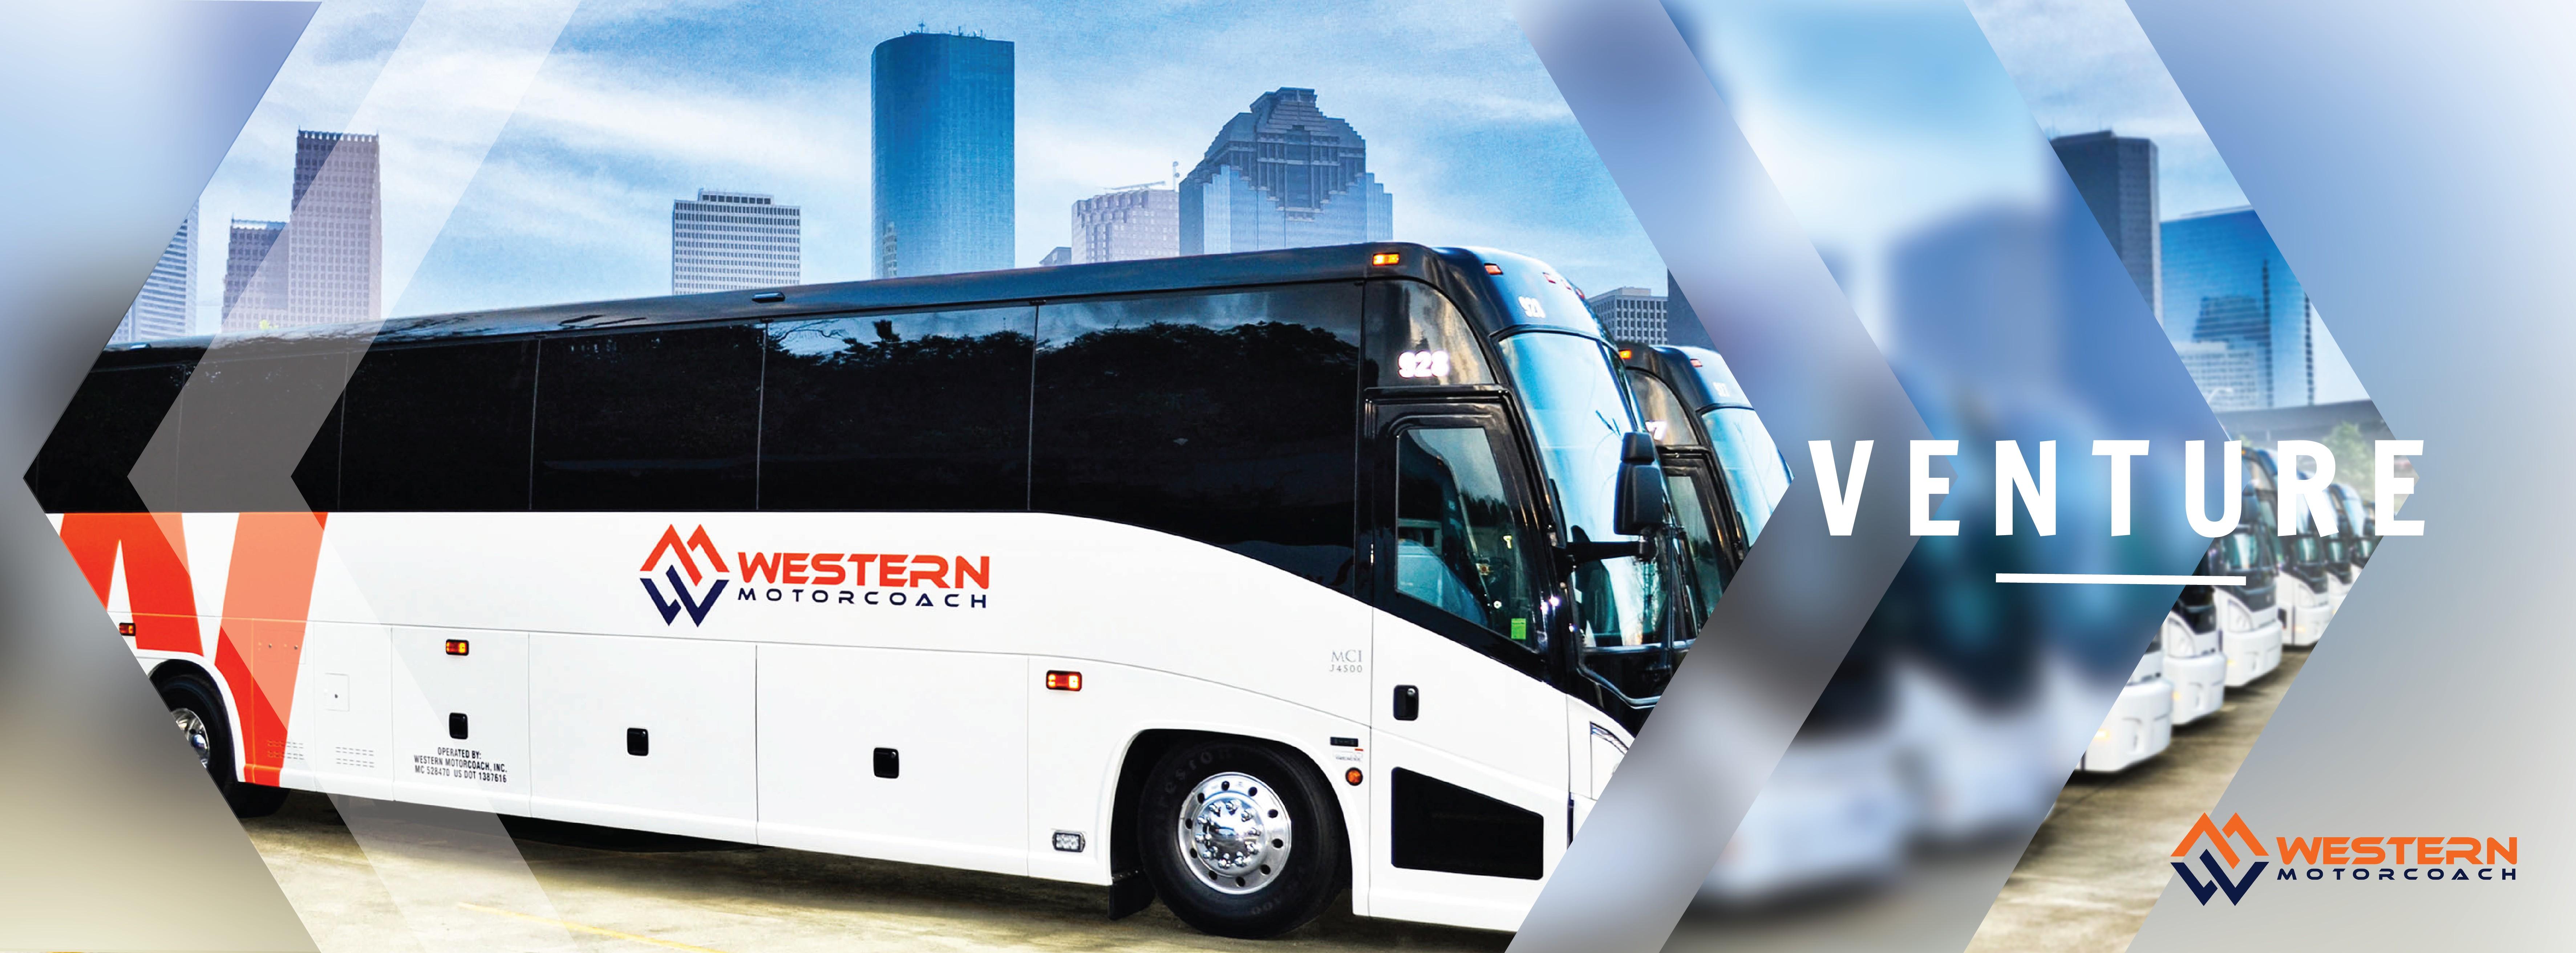 Western Motorcoach | LinkedIn